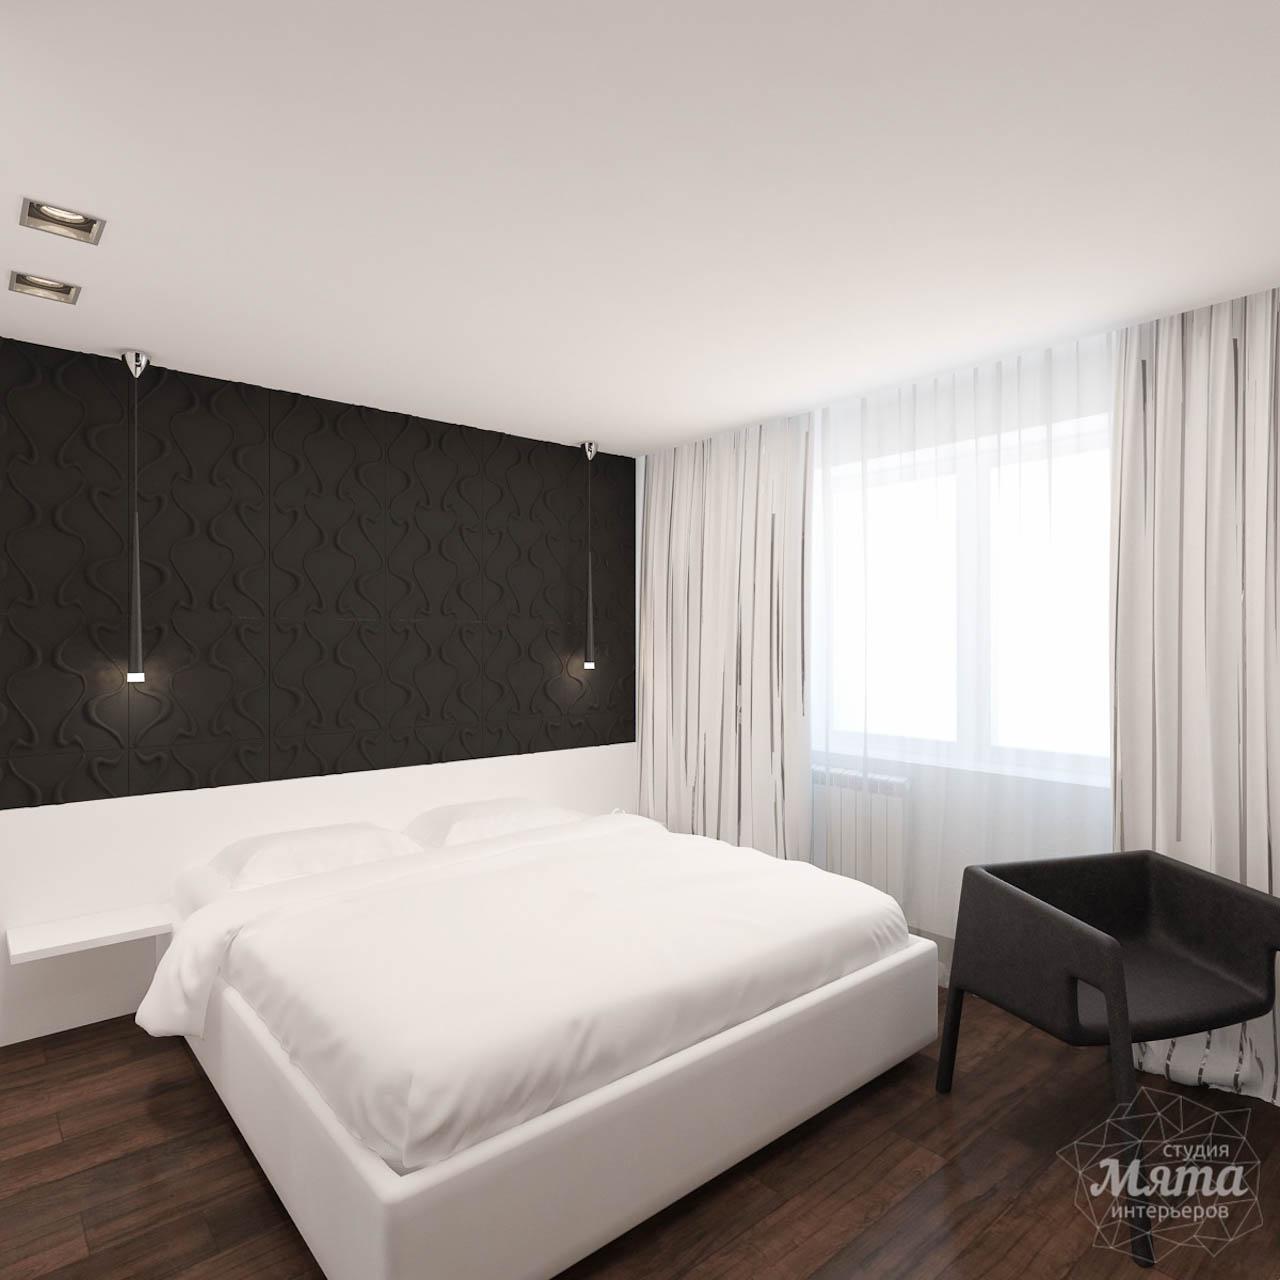 Дизайн интерьера однокомнатной квартиры по ул. Гагарина 27 img895626693